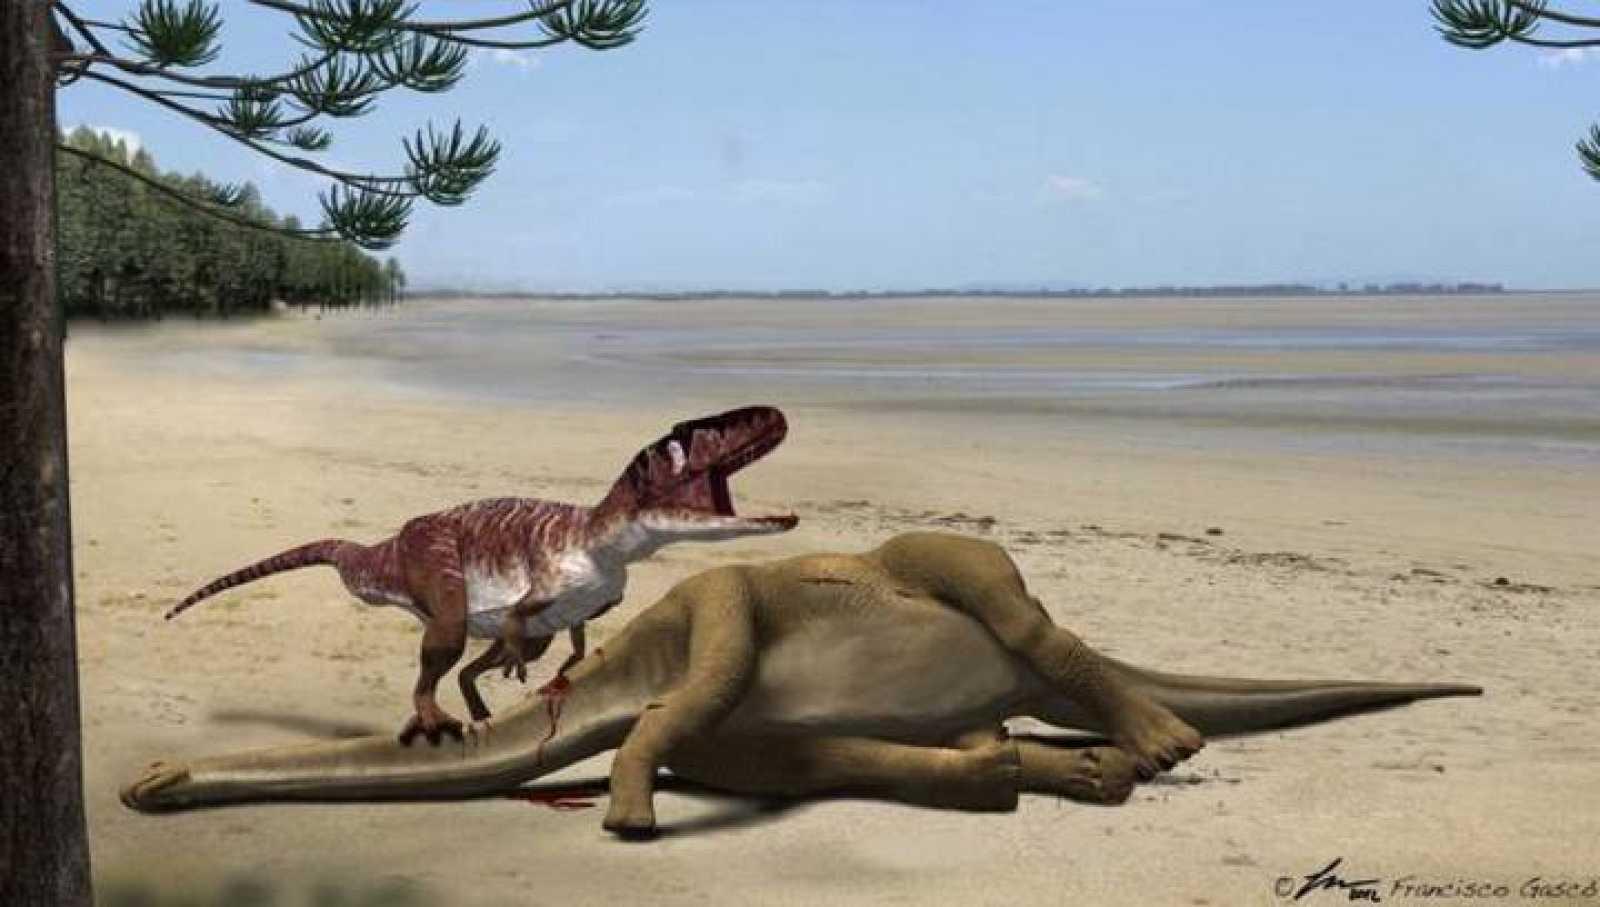 Identifican Nuevos Fosiles De Grandes Dinosaurios Rtve Es Los dinosaurios de juguete son nuestra pasión, comienza tu colección con un dinosaurio schleich fueron las criaturas terrestres más grandes y la paleontología, que no hay que confundir con la. grandes dinosaurios